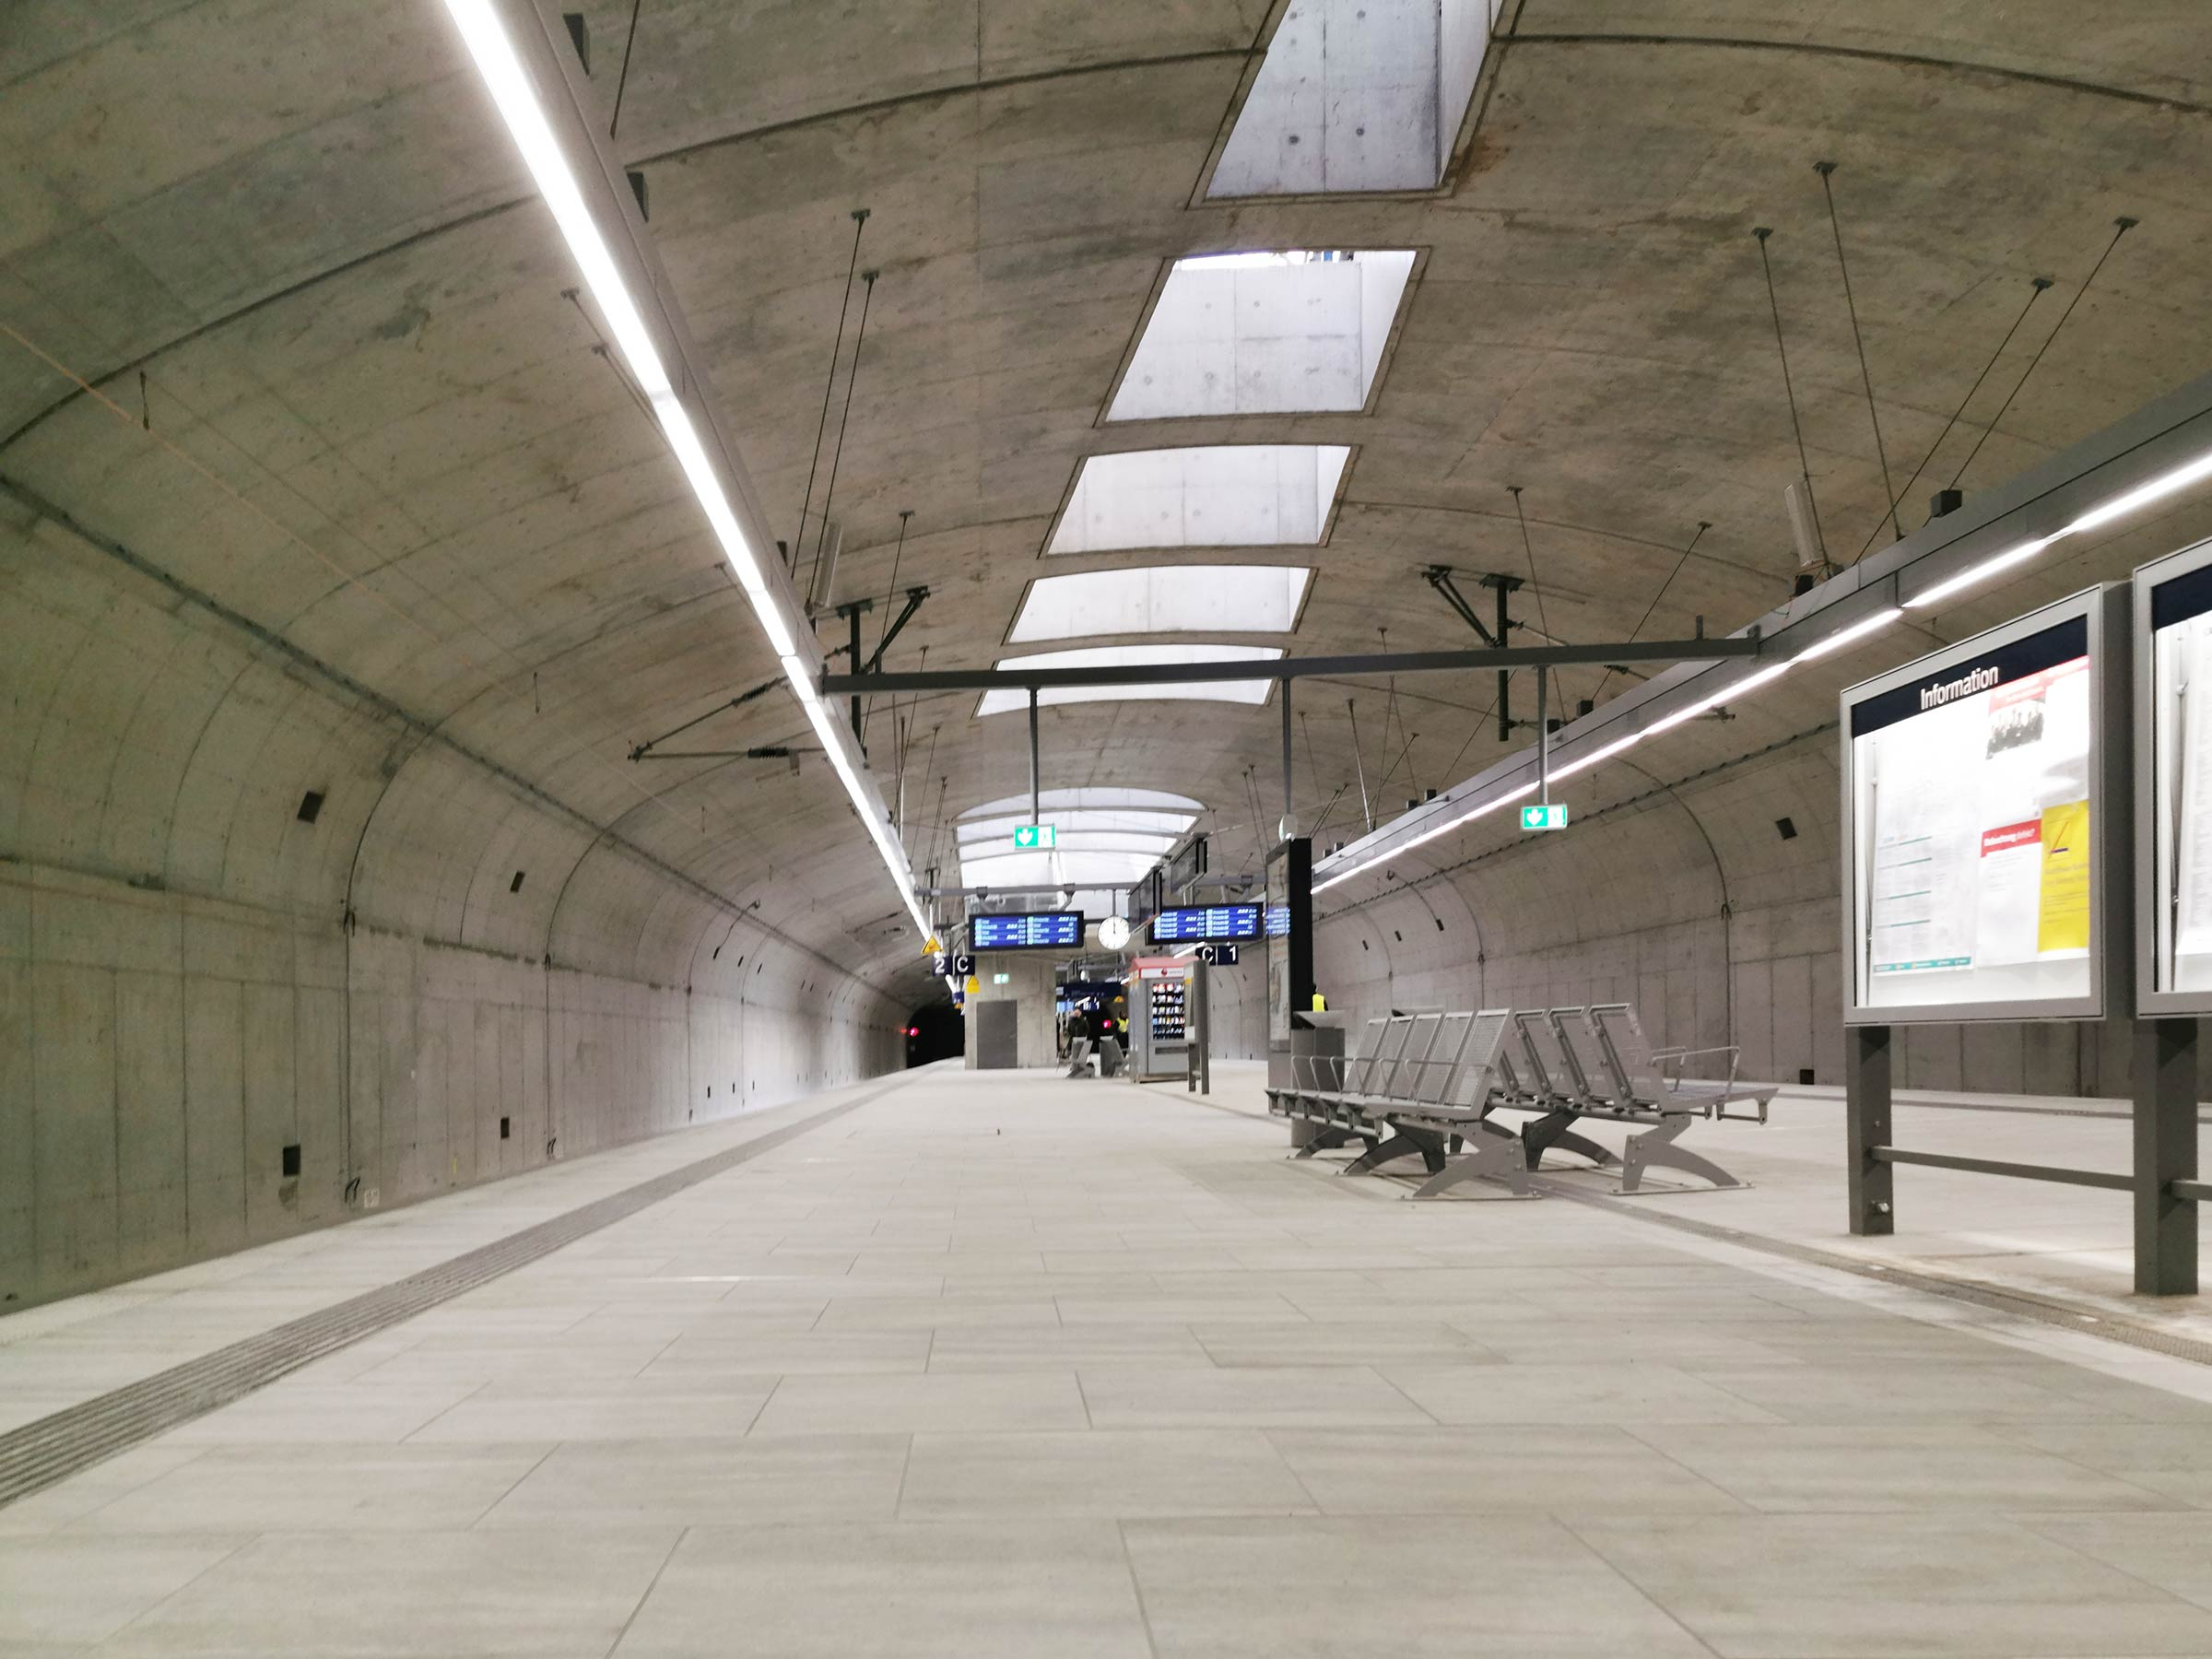 S-bahnstation Gateway Gardens - Neue Bhnhof am Flughafen - S-Bahn-Haltepunkt RMV in Frankfurt Gateway Gardens